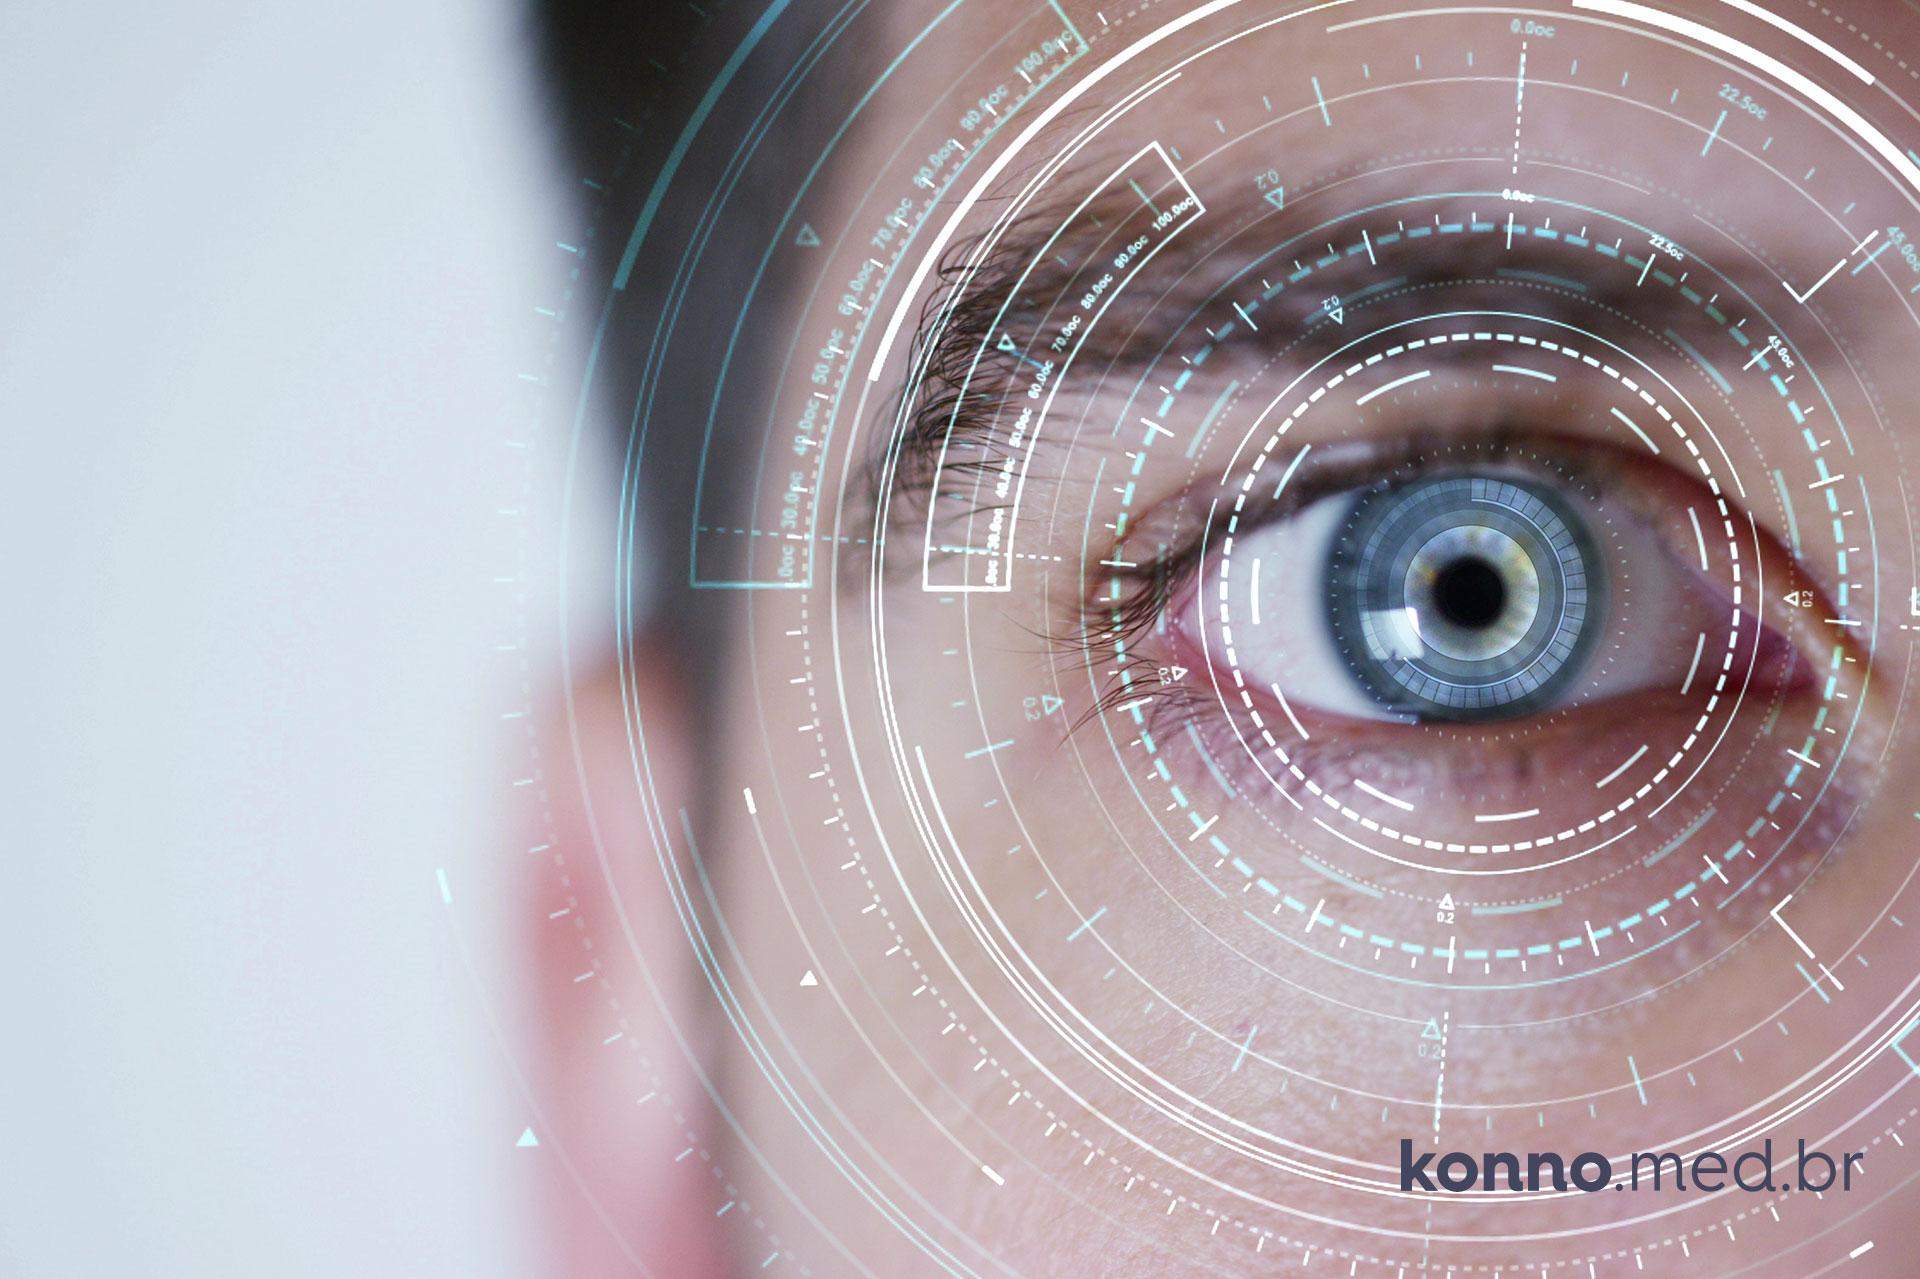 04bcd2488aad2 Lentes de contato biônicas permitirão uma visão 3x melhor - Konno ...